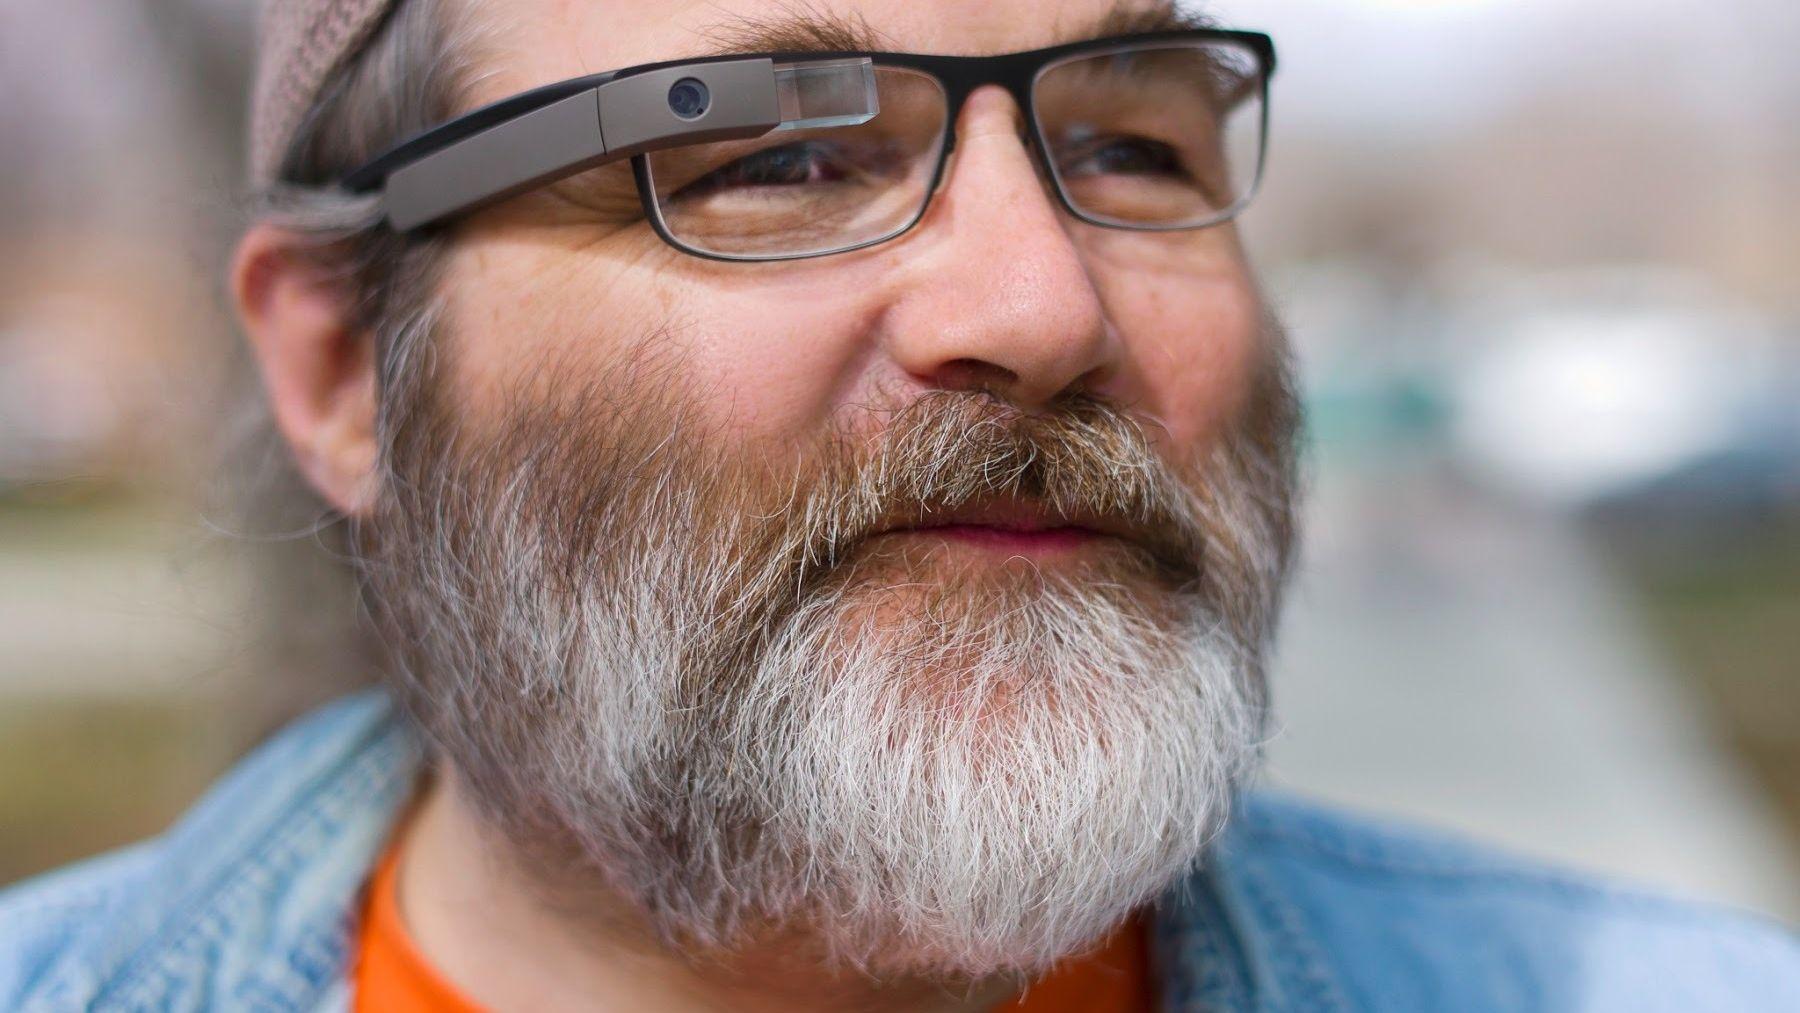 Nå får alle kjøpe Google Glass